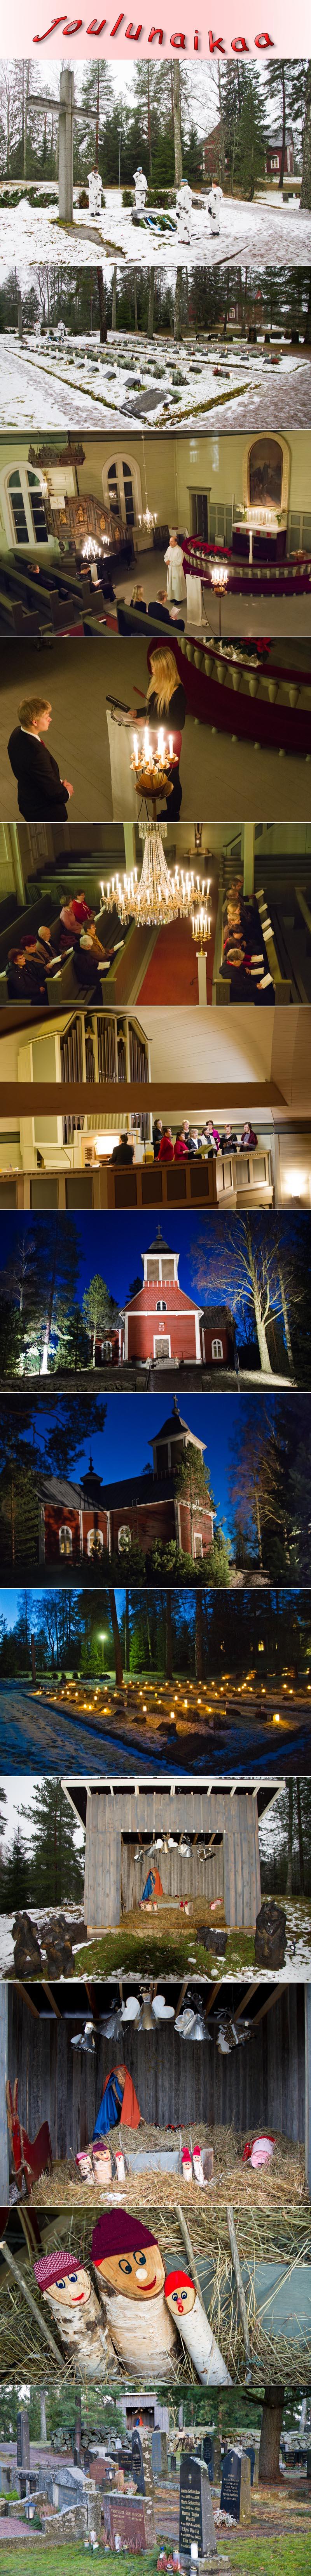 Joulunaikaa_2011